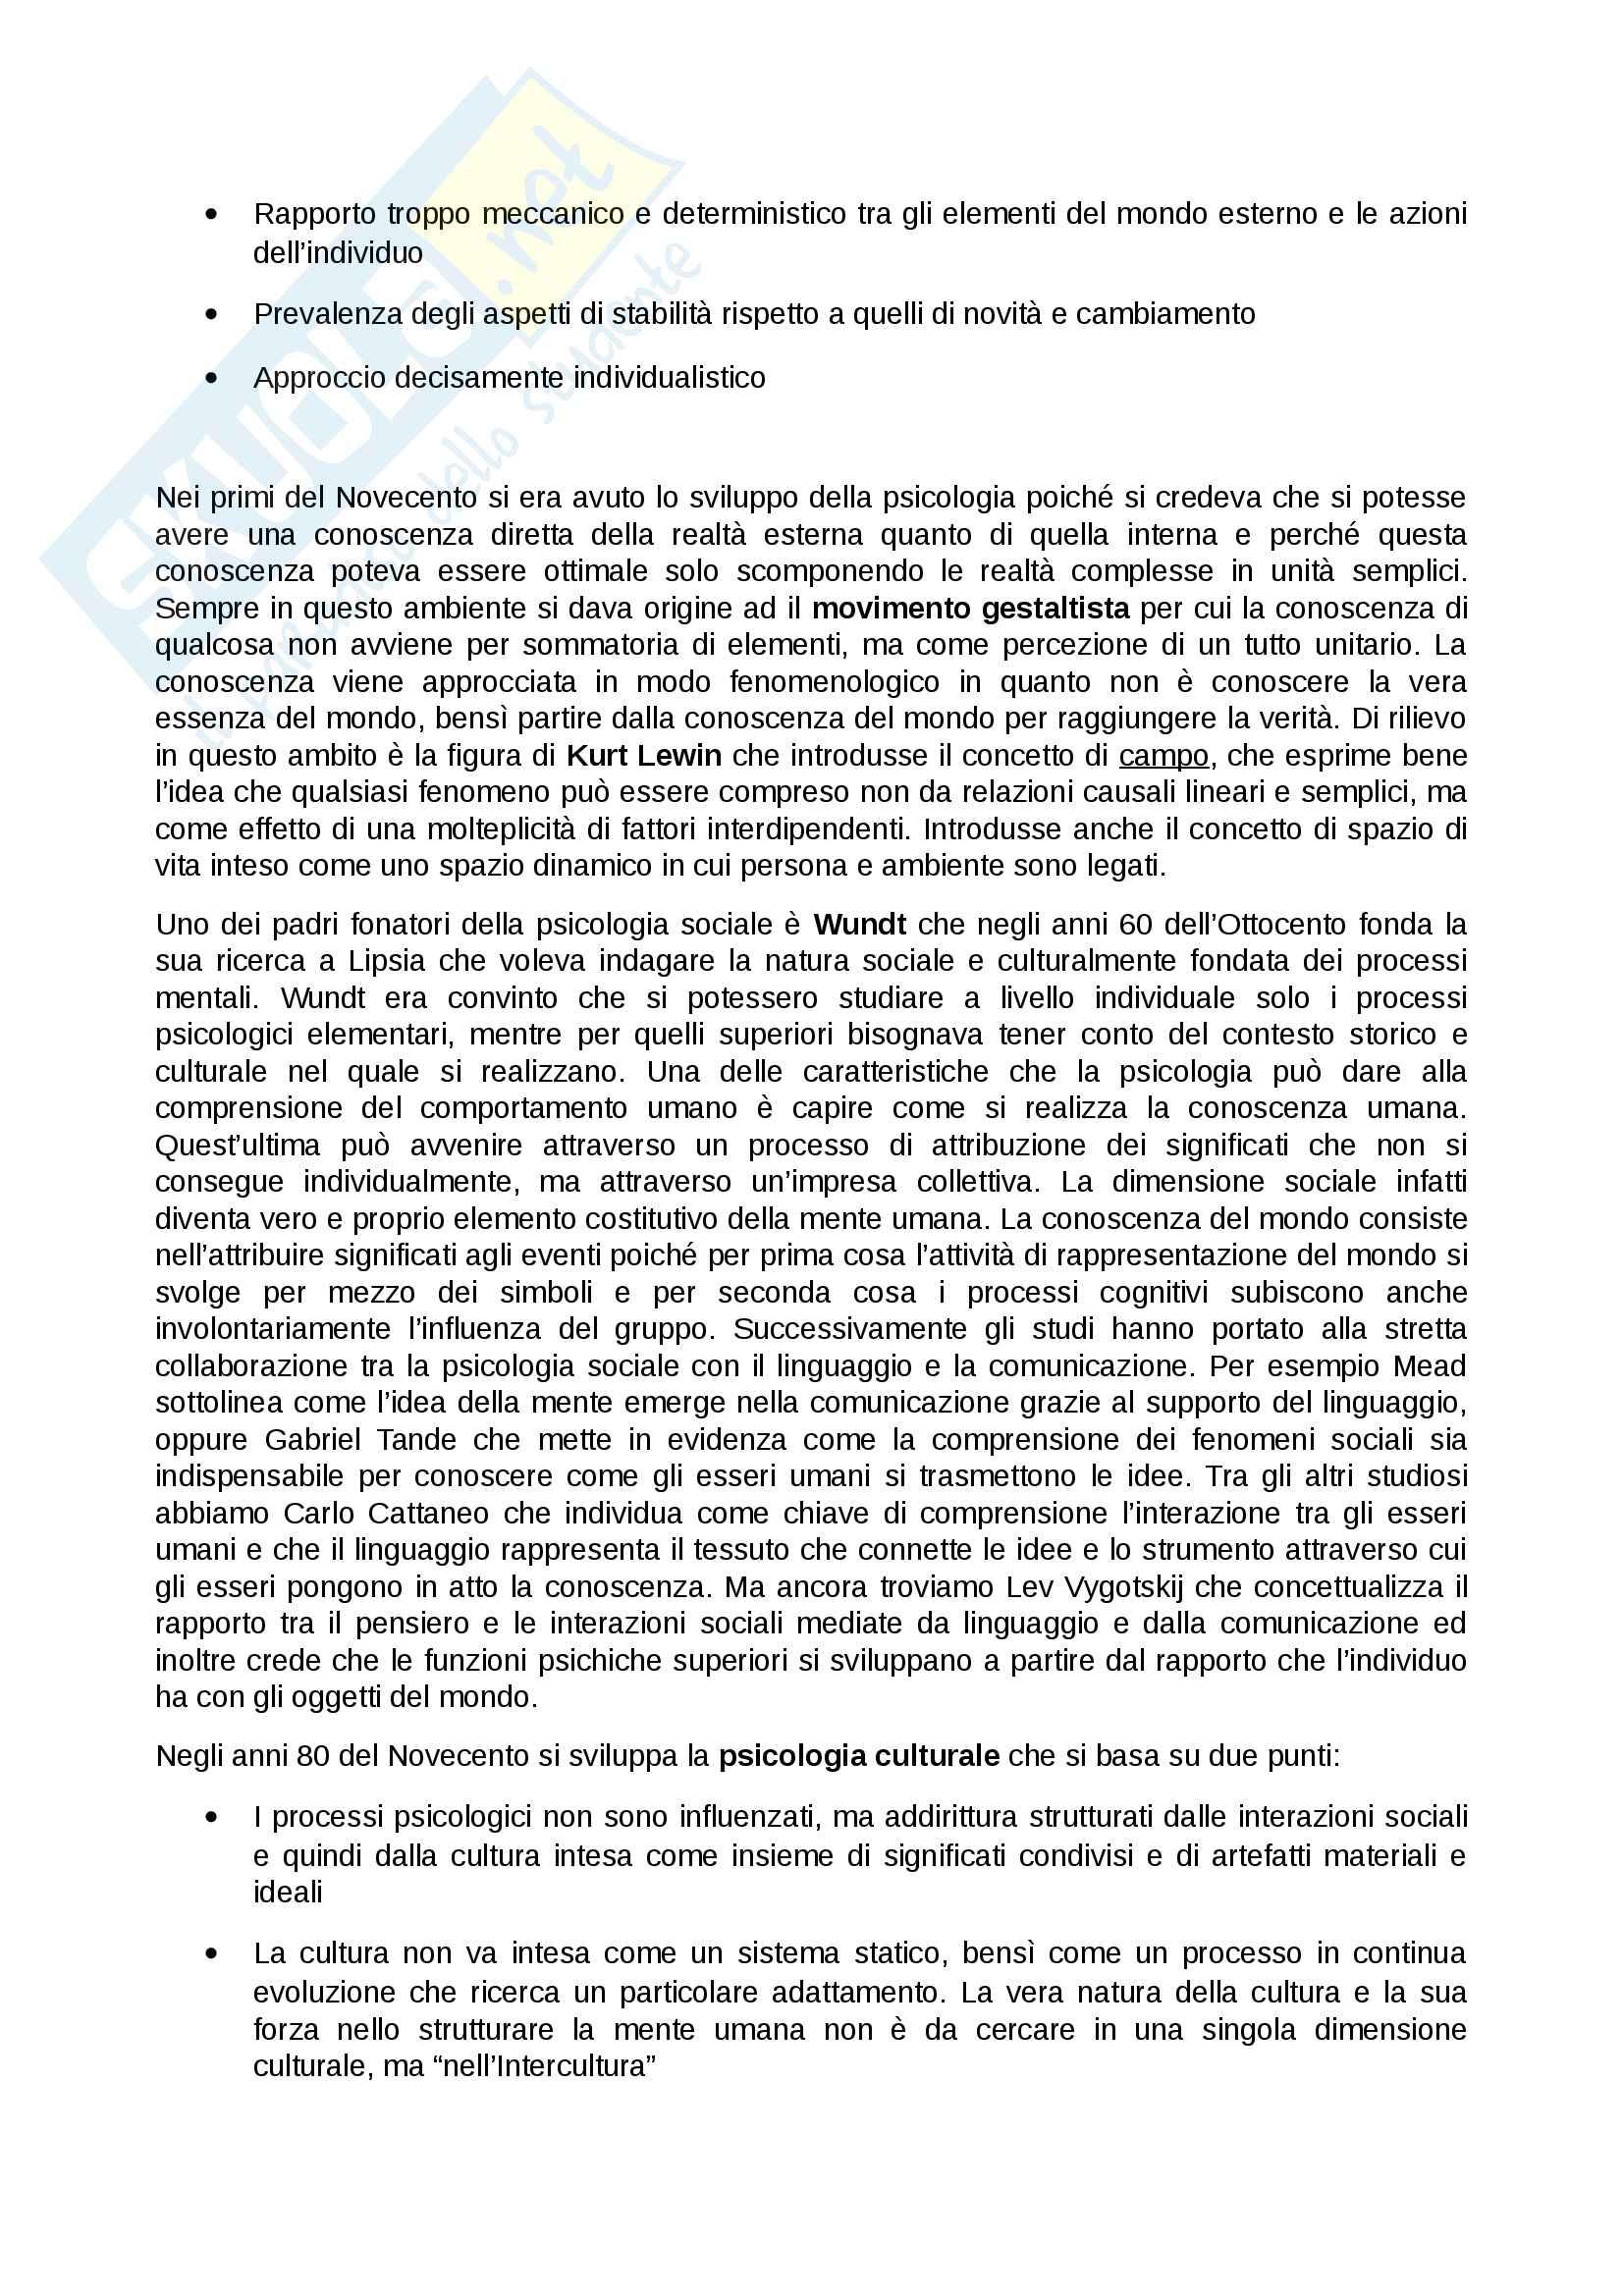 Riassunto esame Psicologia sociale, prof. Sarrica, libro consigliato La psicologia sociale. Processi mentali, comunicazione e cultura Pag. 2